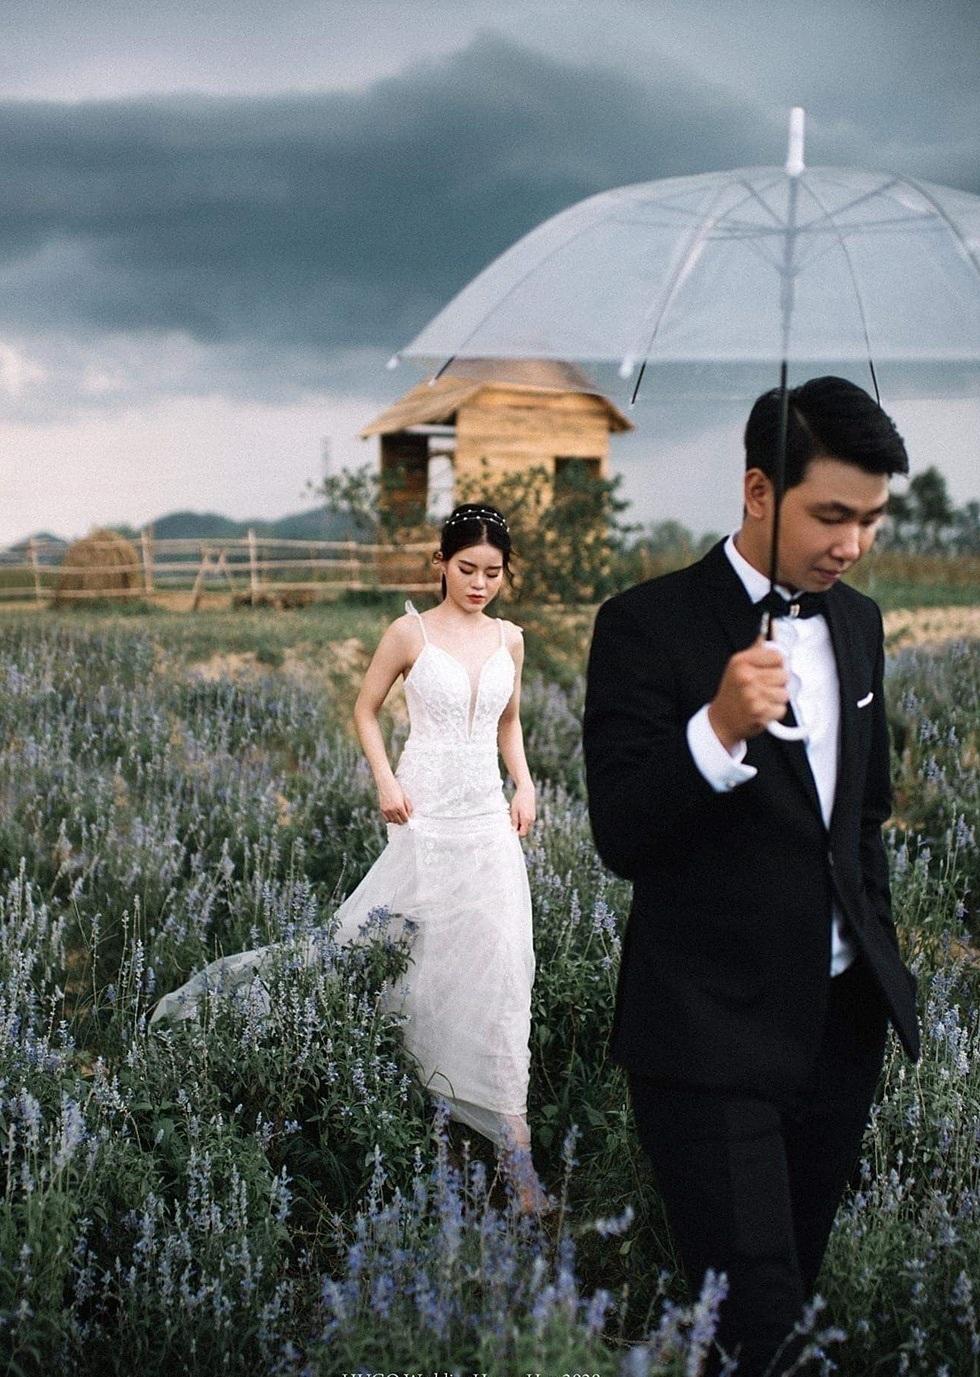 Nông trại hoa hút khách tham quan ở Huế